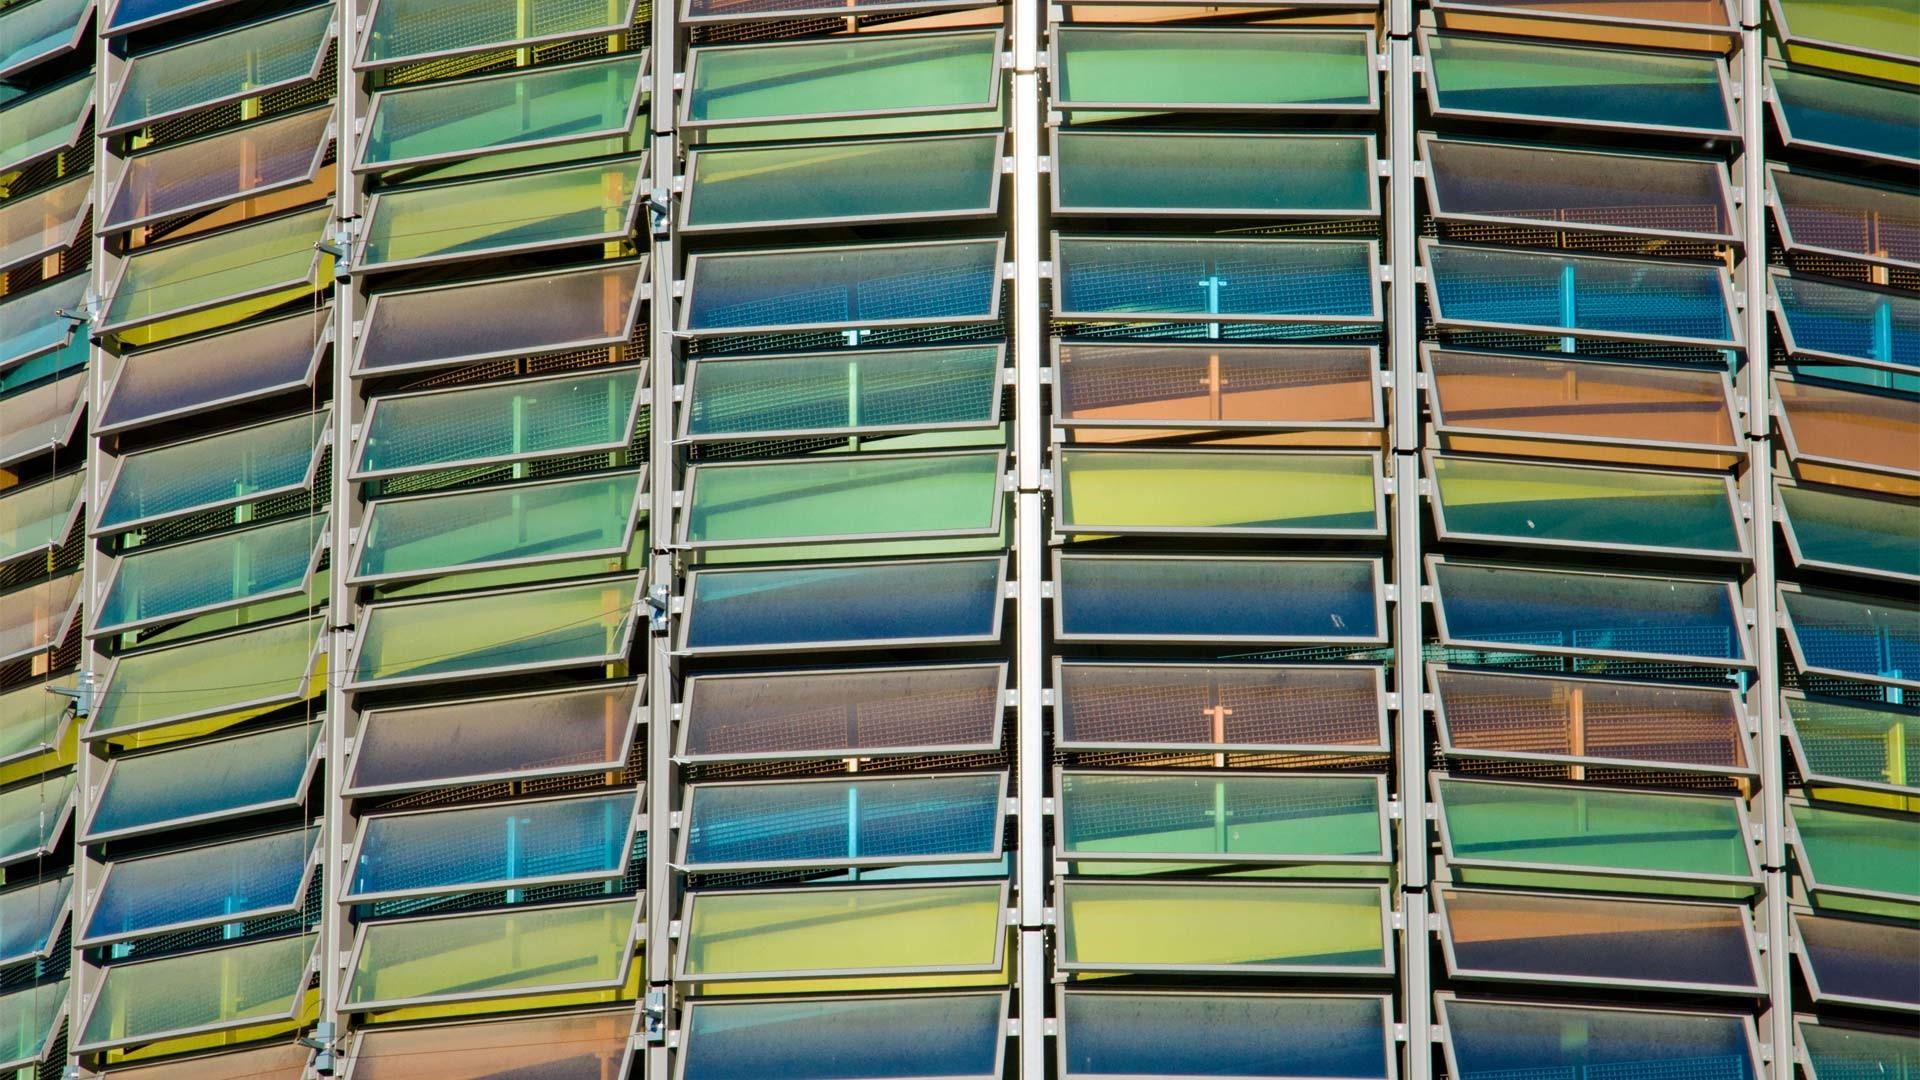 Runde Fassade eines Parkhauses, bestehend aus bunten Lamellenfenstern.